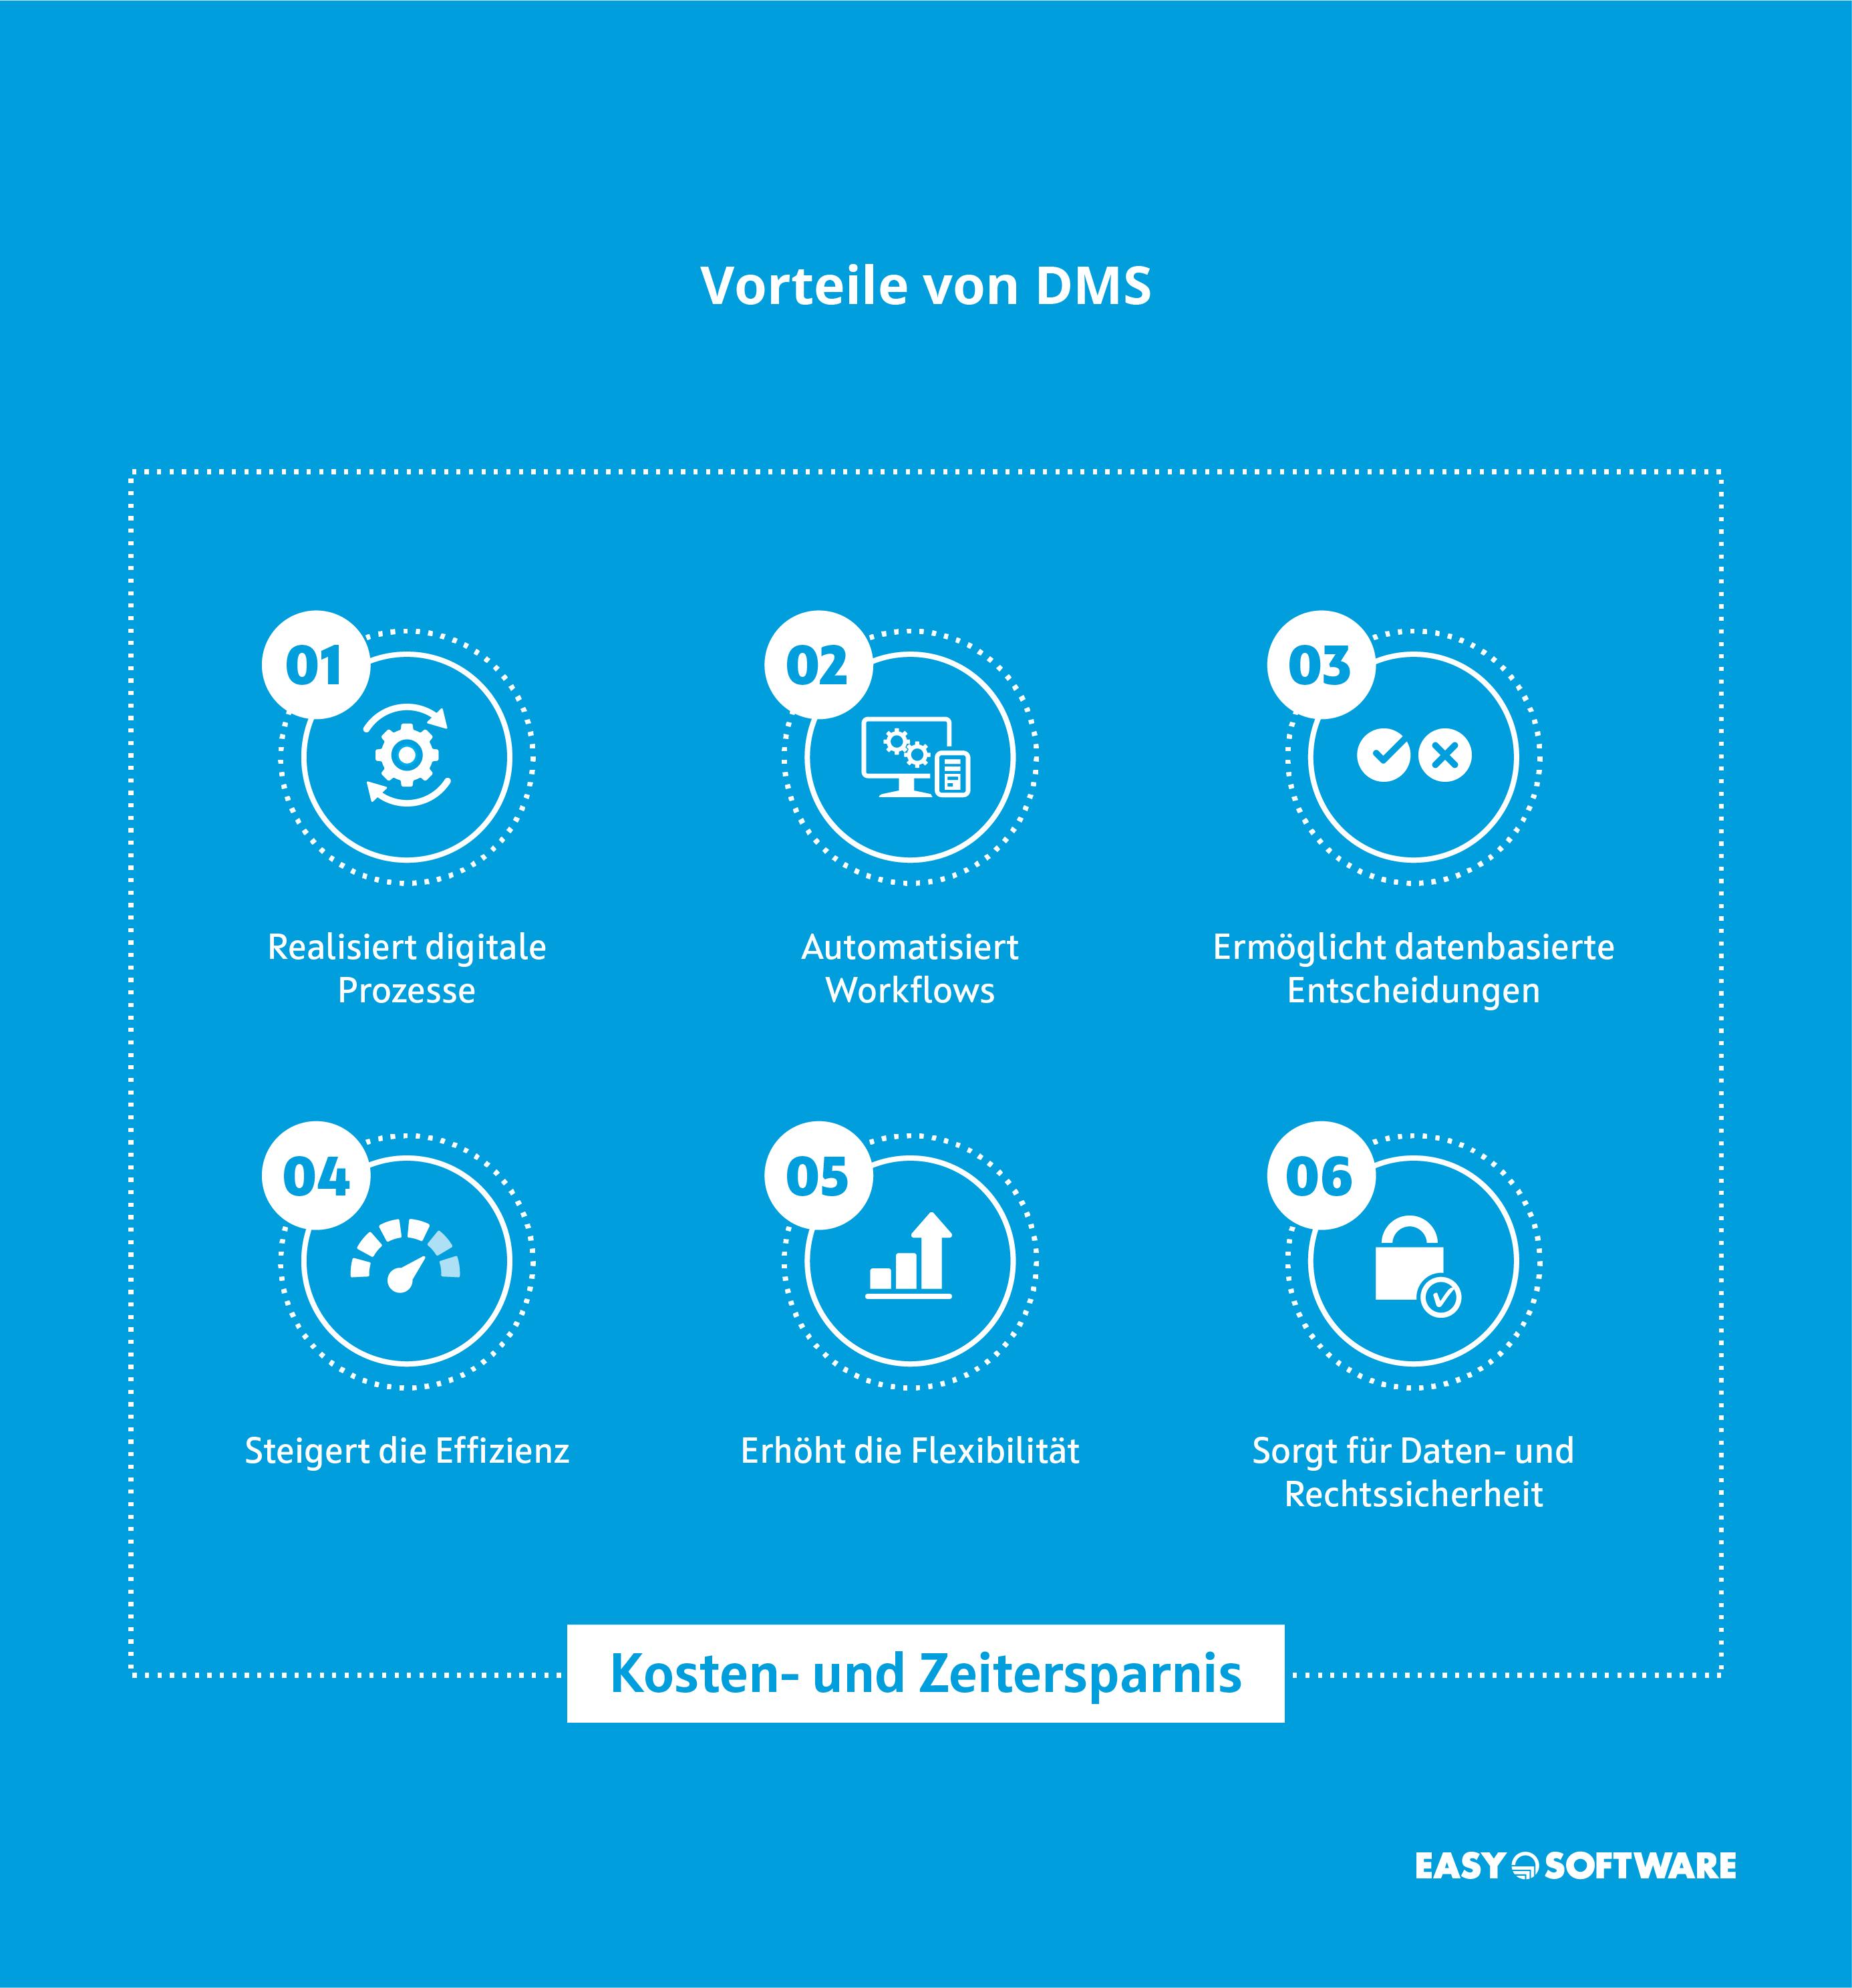 Vorteile eines Dokumentenmanagement-System